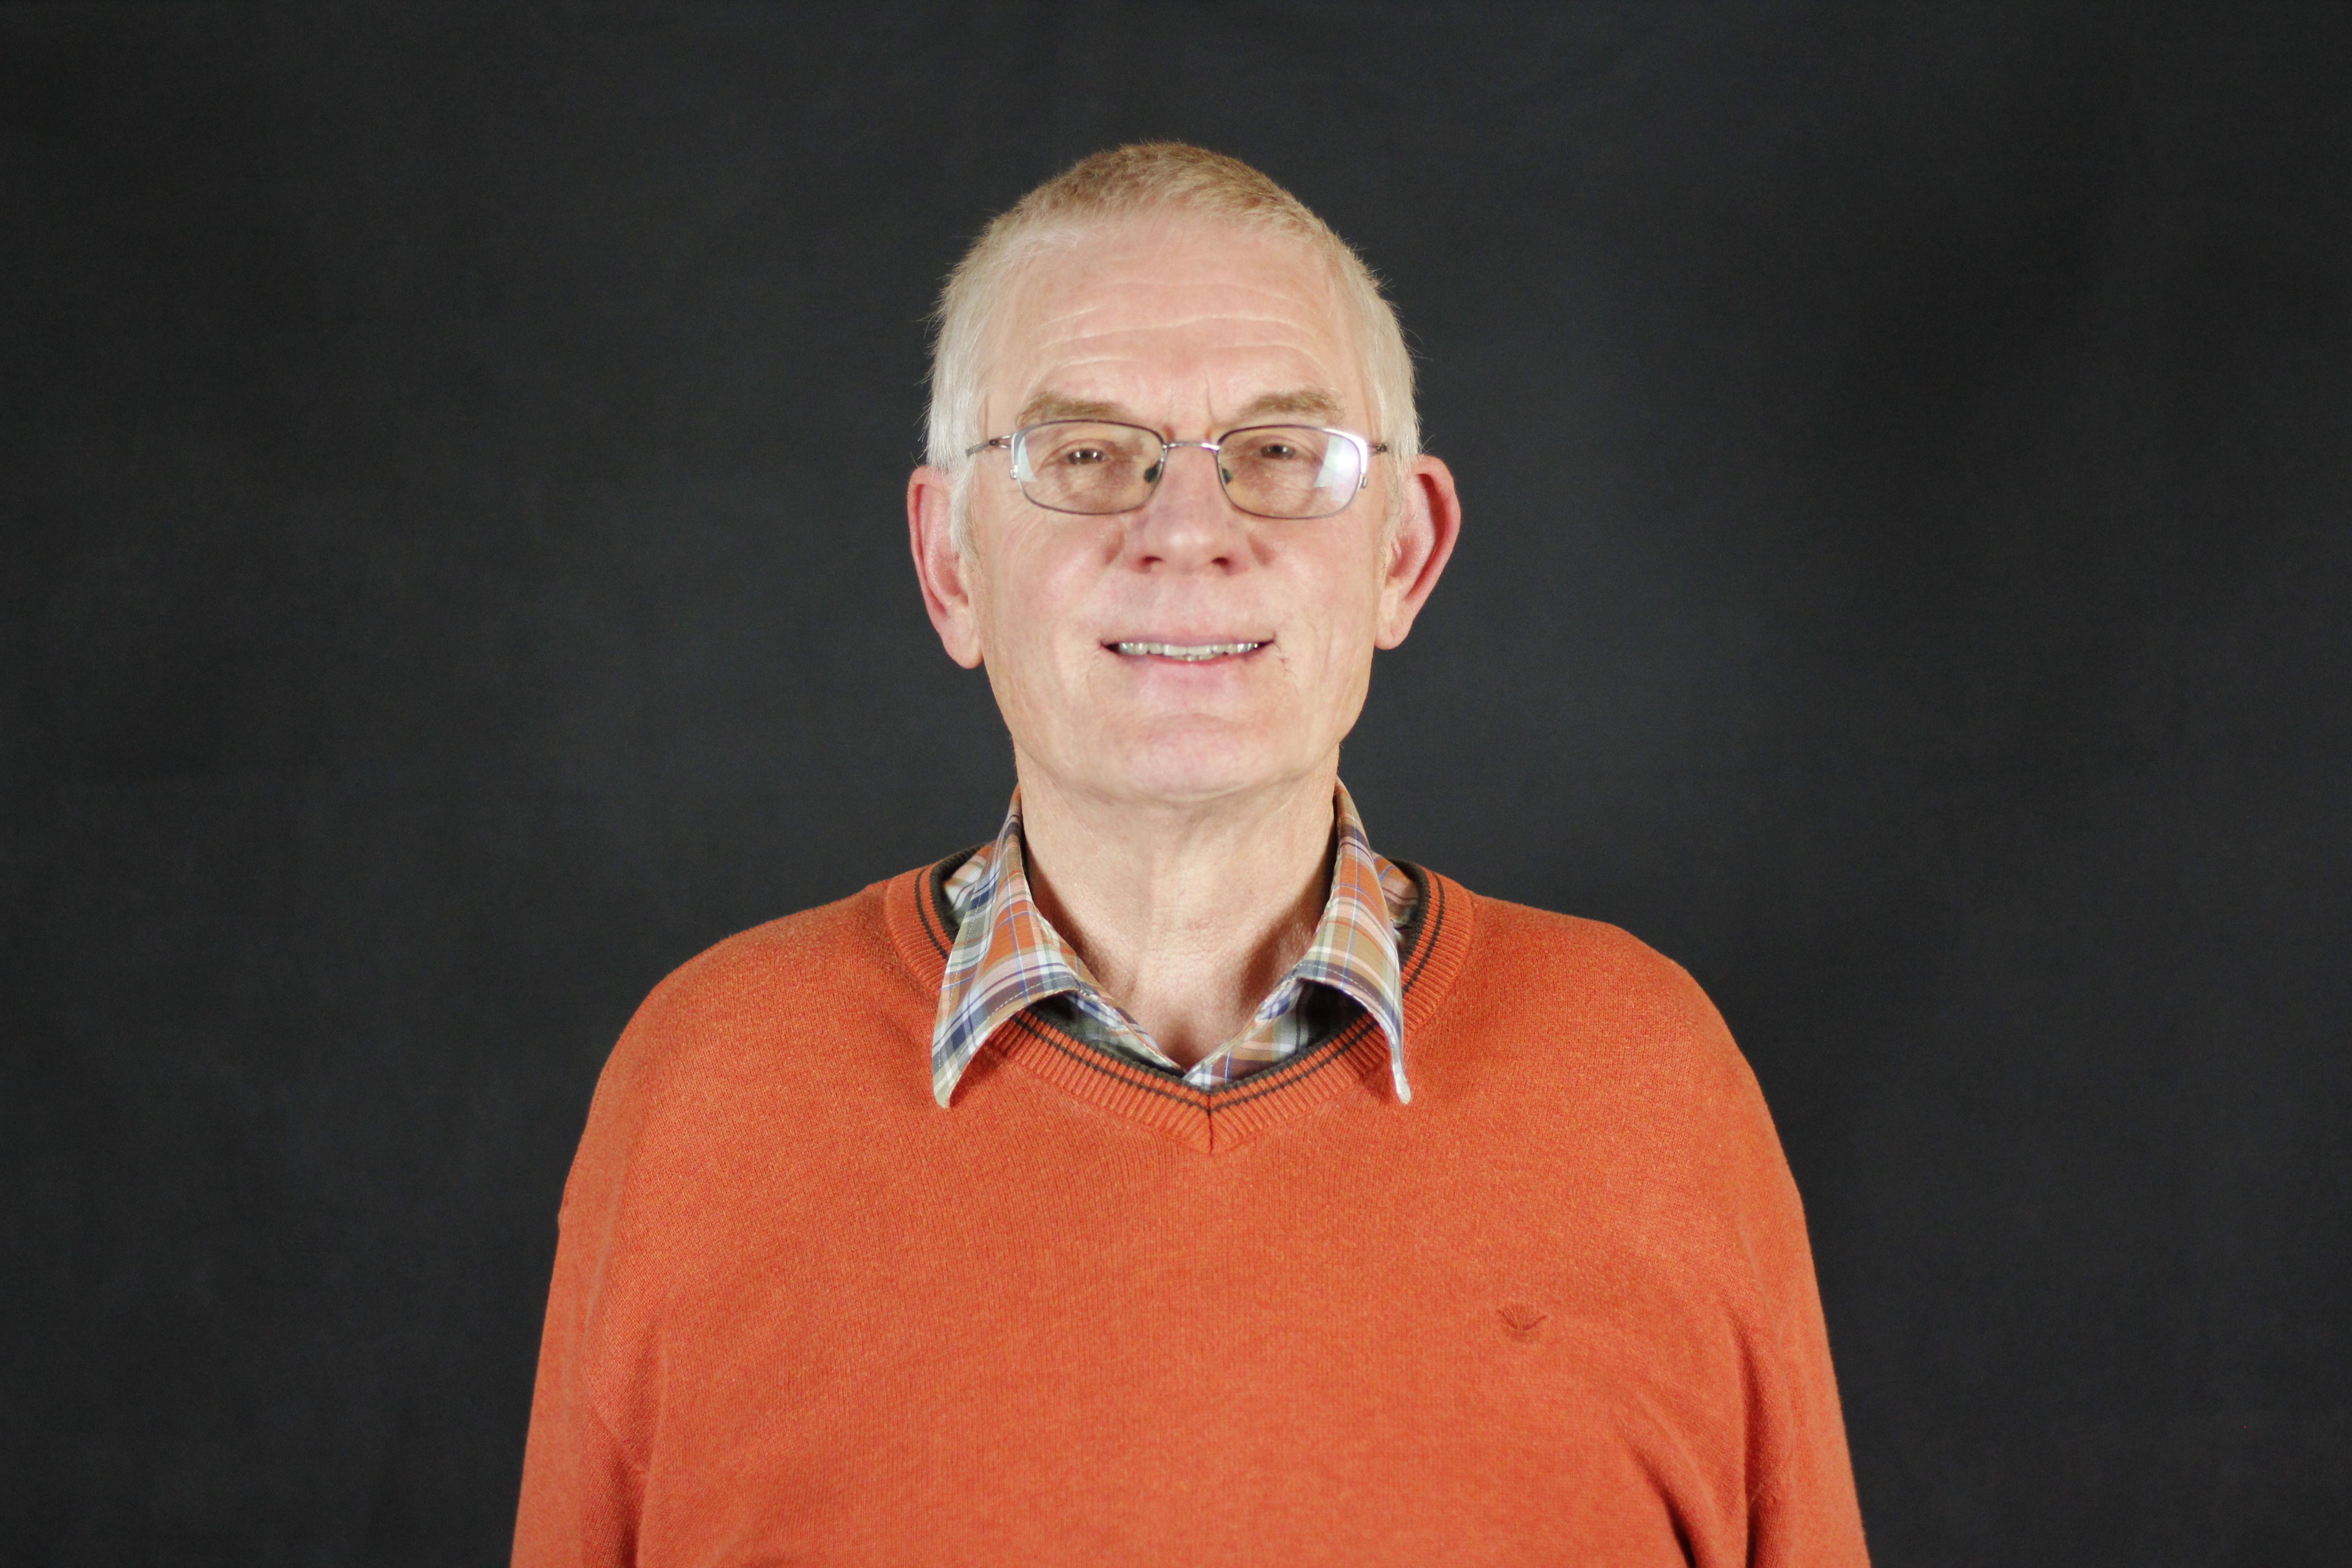 Reinhard Dahl